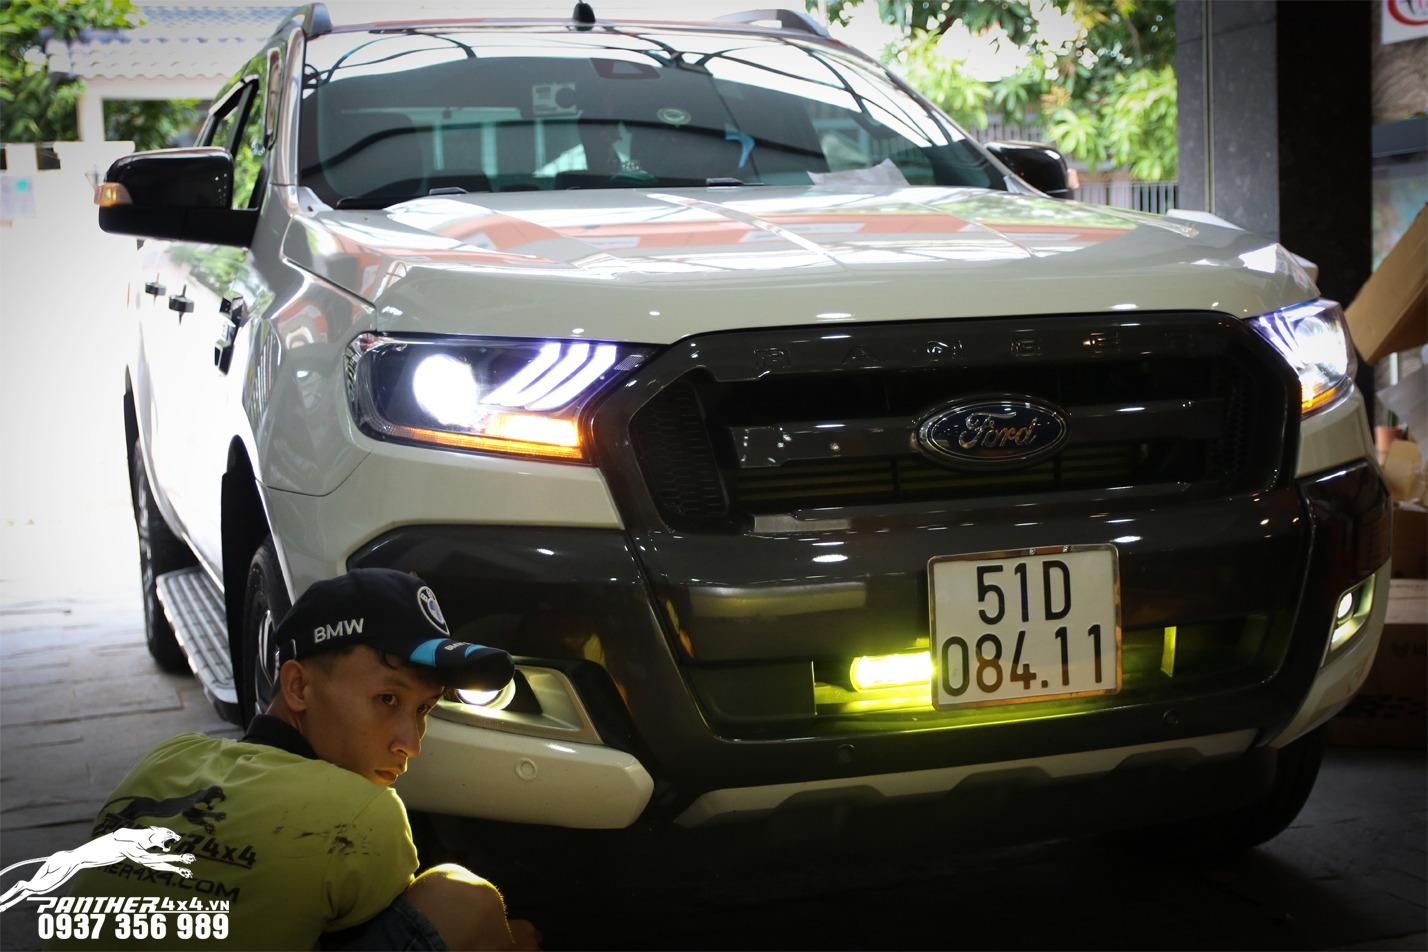 Độ đèn Xenon Philips cho xe ô tô là một phương pháp độ xe được lựa chọn nhiều nhất hiện nay vì nó được tích hợp nhiều công nghệ mới. Đáp ứng đủ nhu cầu sử dụng của bất cứ tài xế nào, nhất là đối với những tài xế thường xuyên phải chạy xe vào ban đêm.